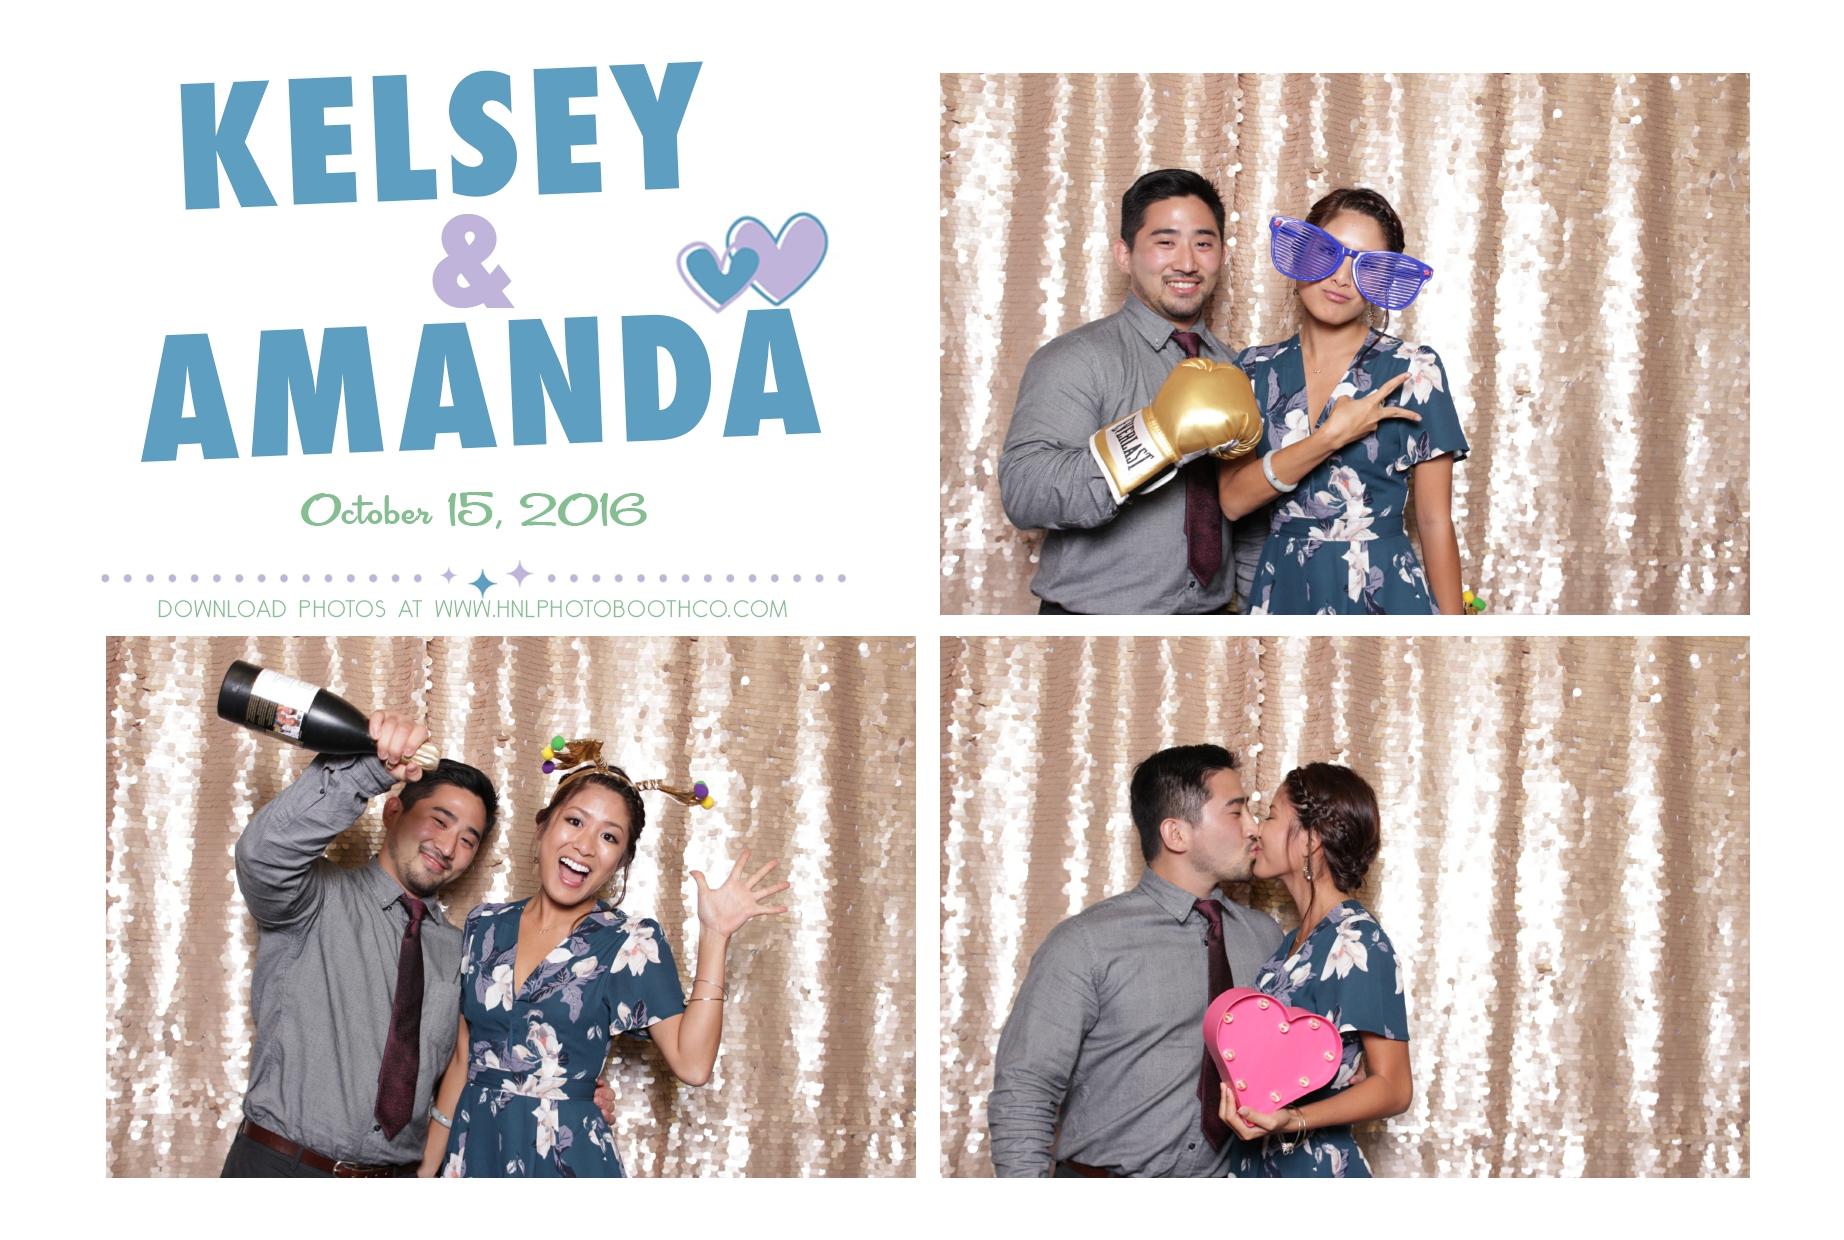 Kelsey and Amanda Wedding Photobooth at the Okinawan Center Waipio Oahu Hawaii (21).jpg